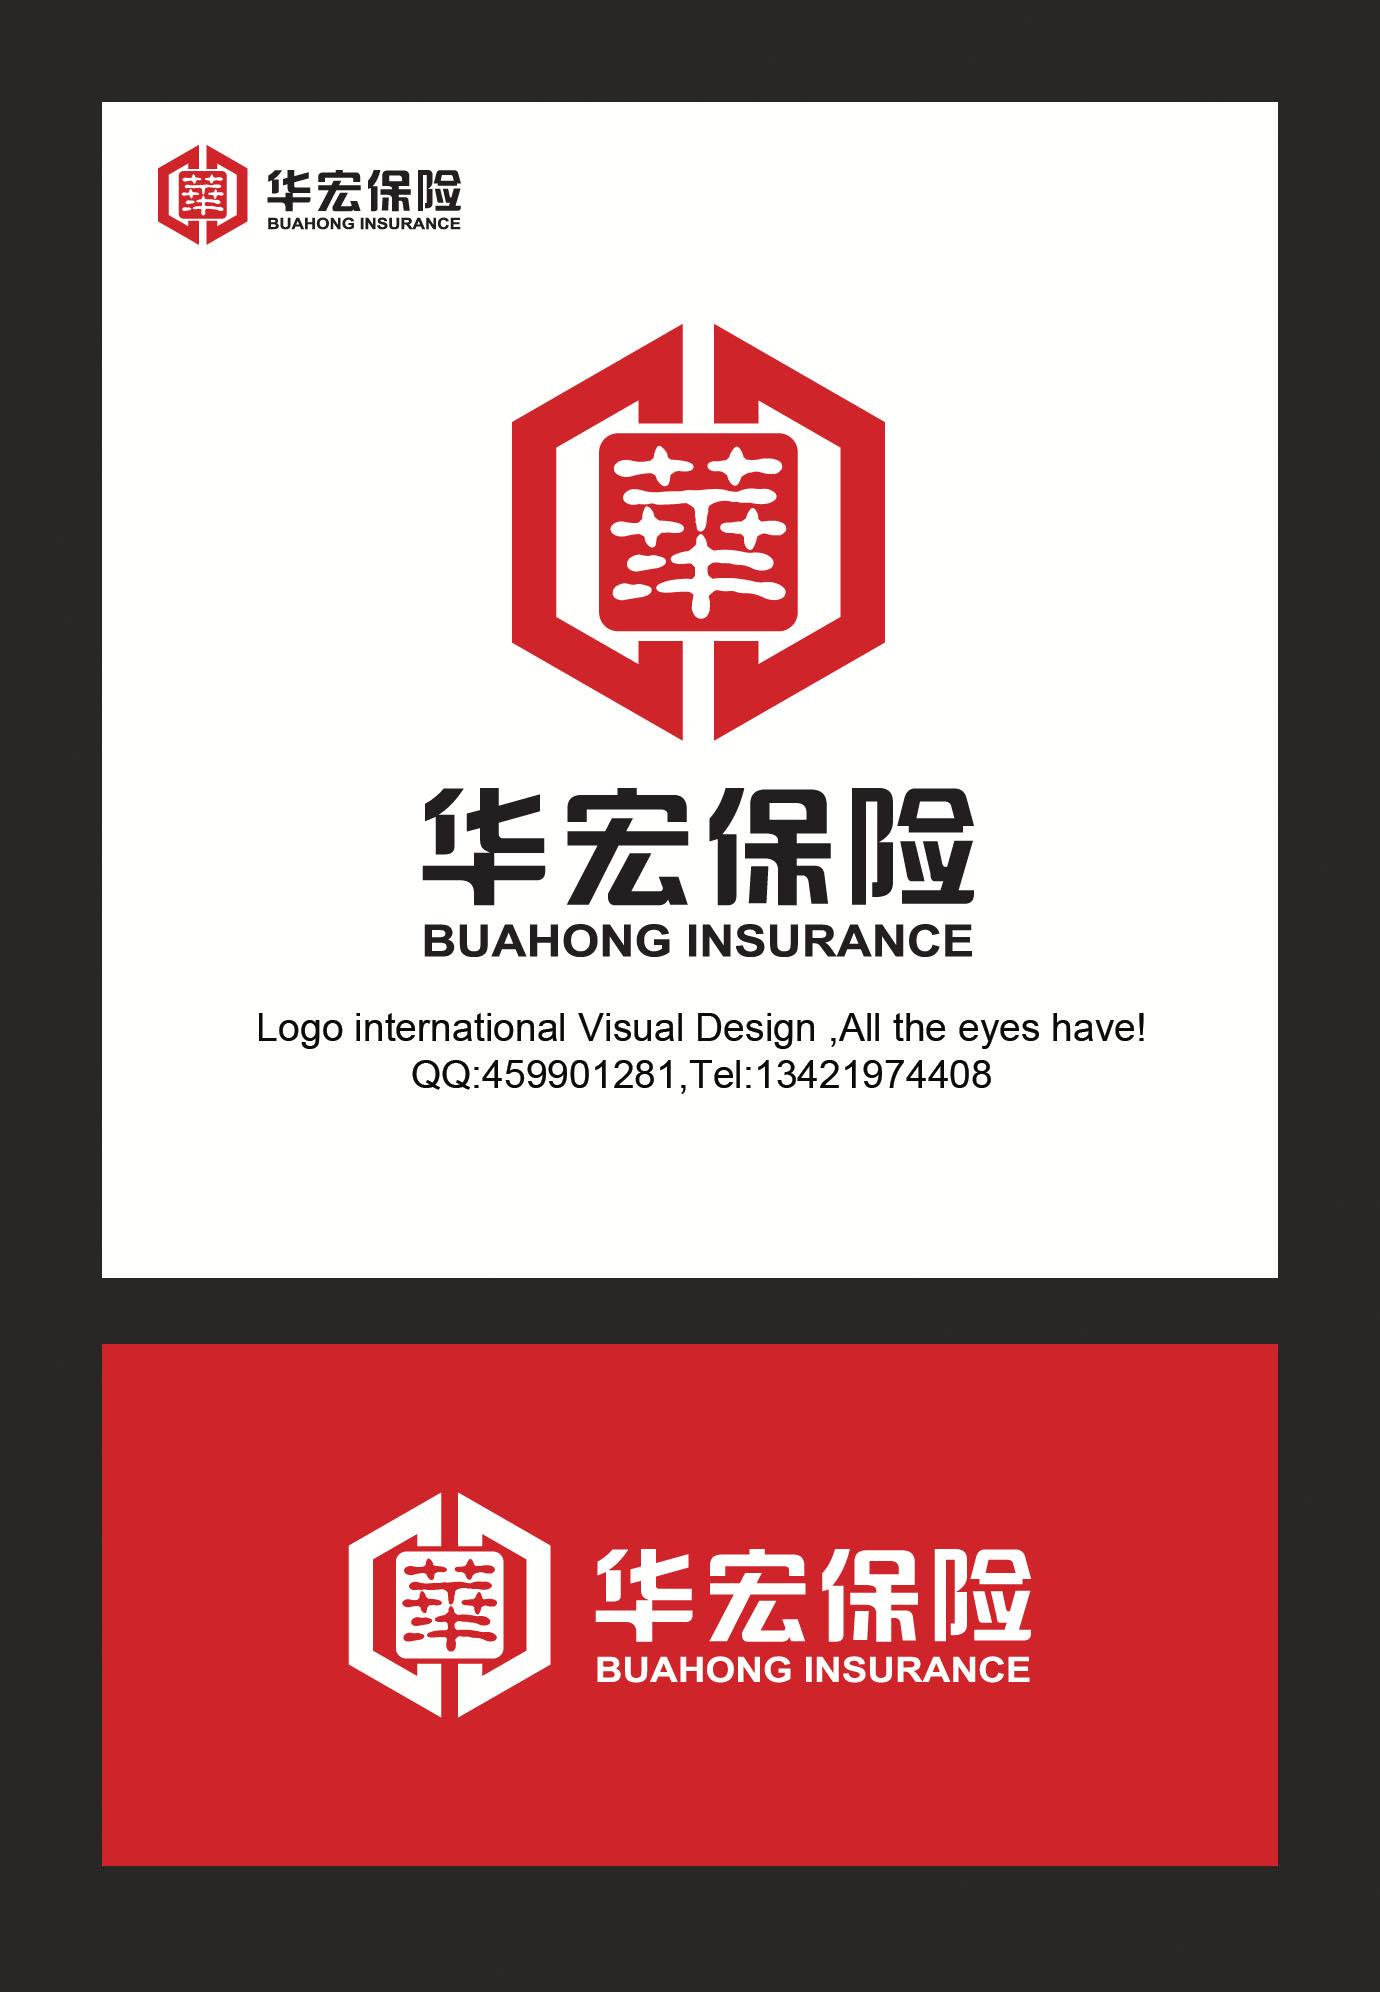 金融保险公司logo设计